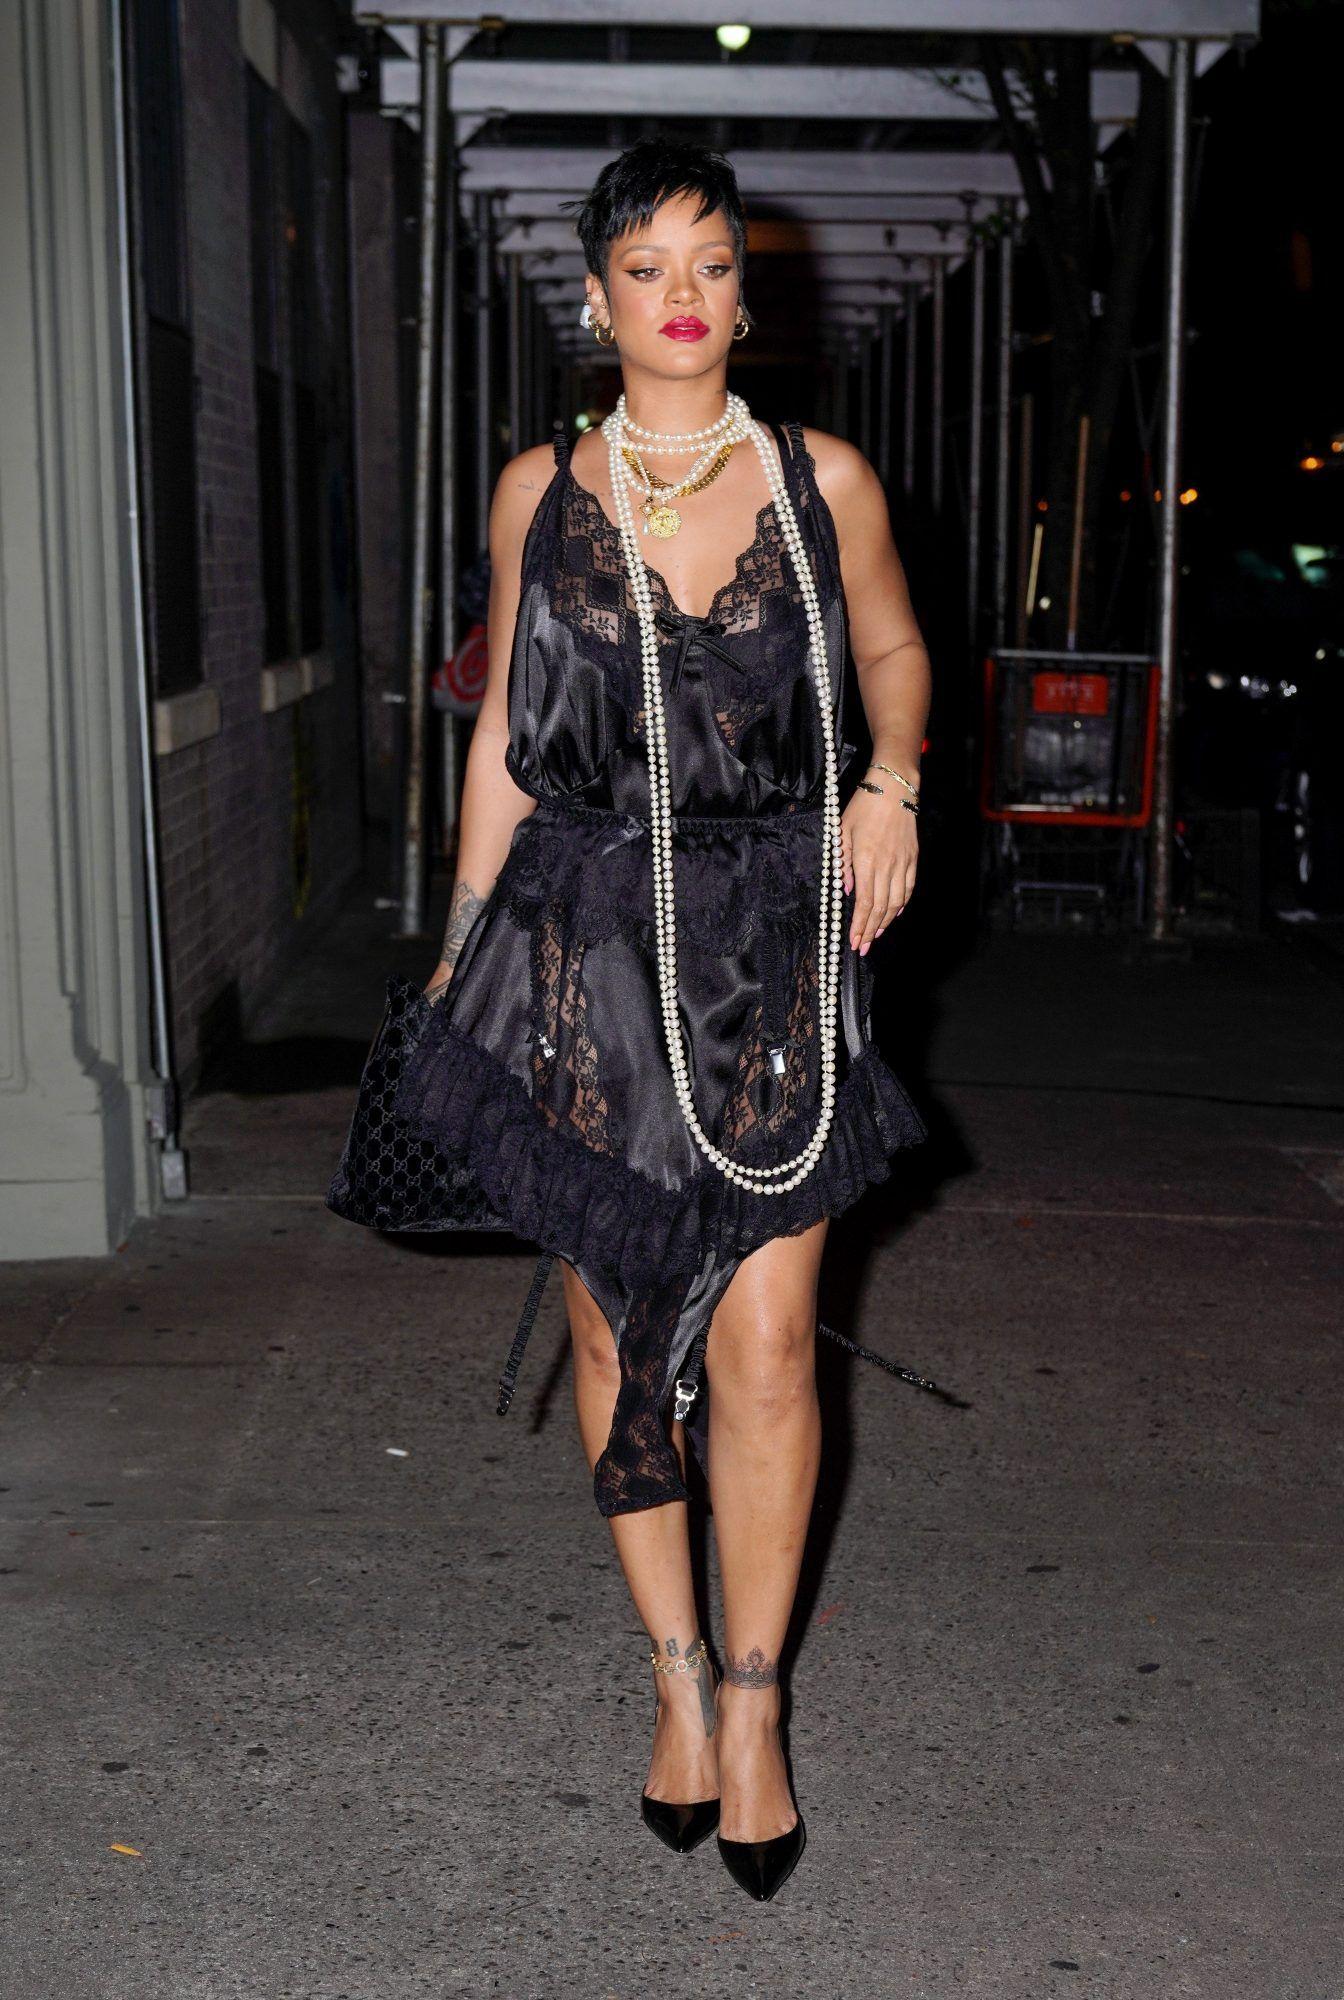 Gaya Mewah Rihanna, Sang Penyanyi Perempuan Terkaya di Dunia